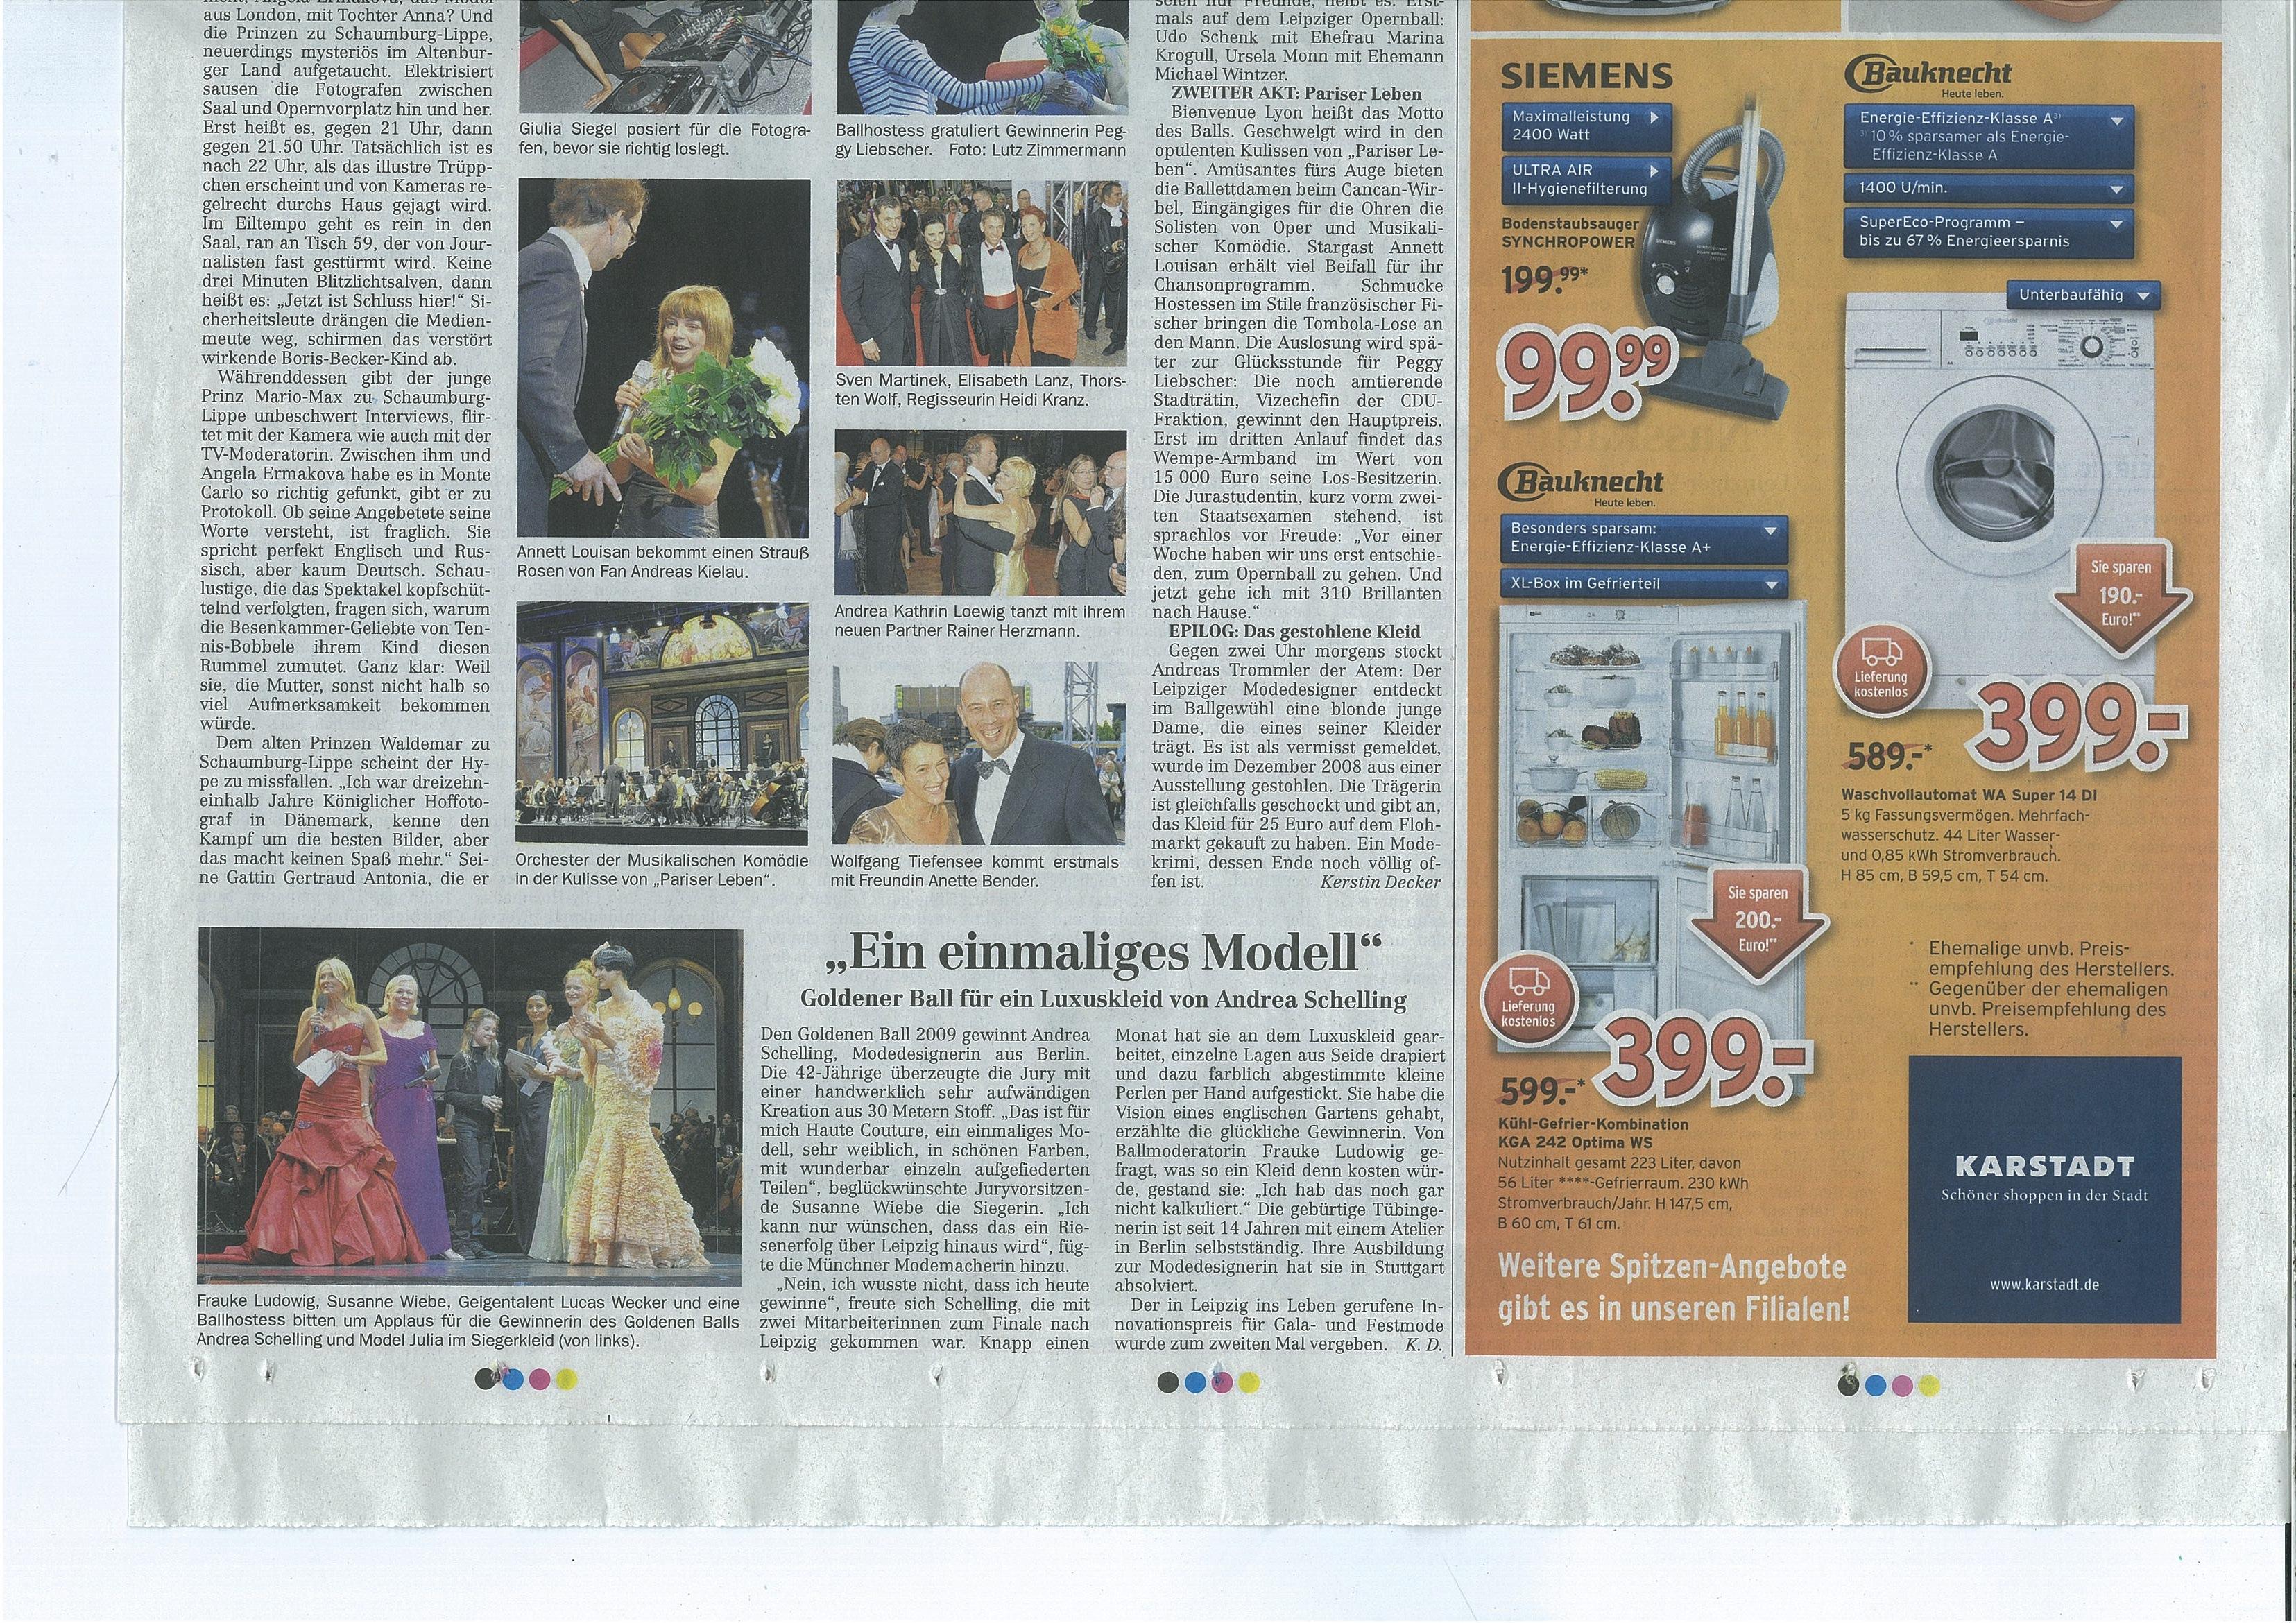 Leipziger Volkszeitung 7.9.09